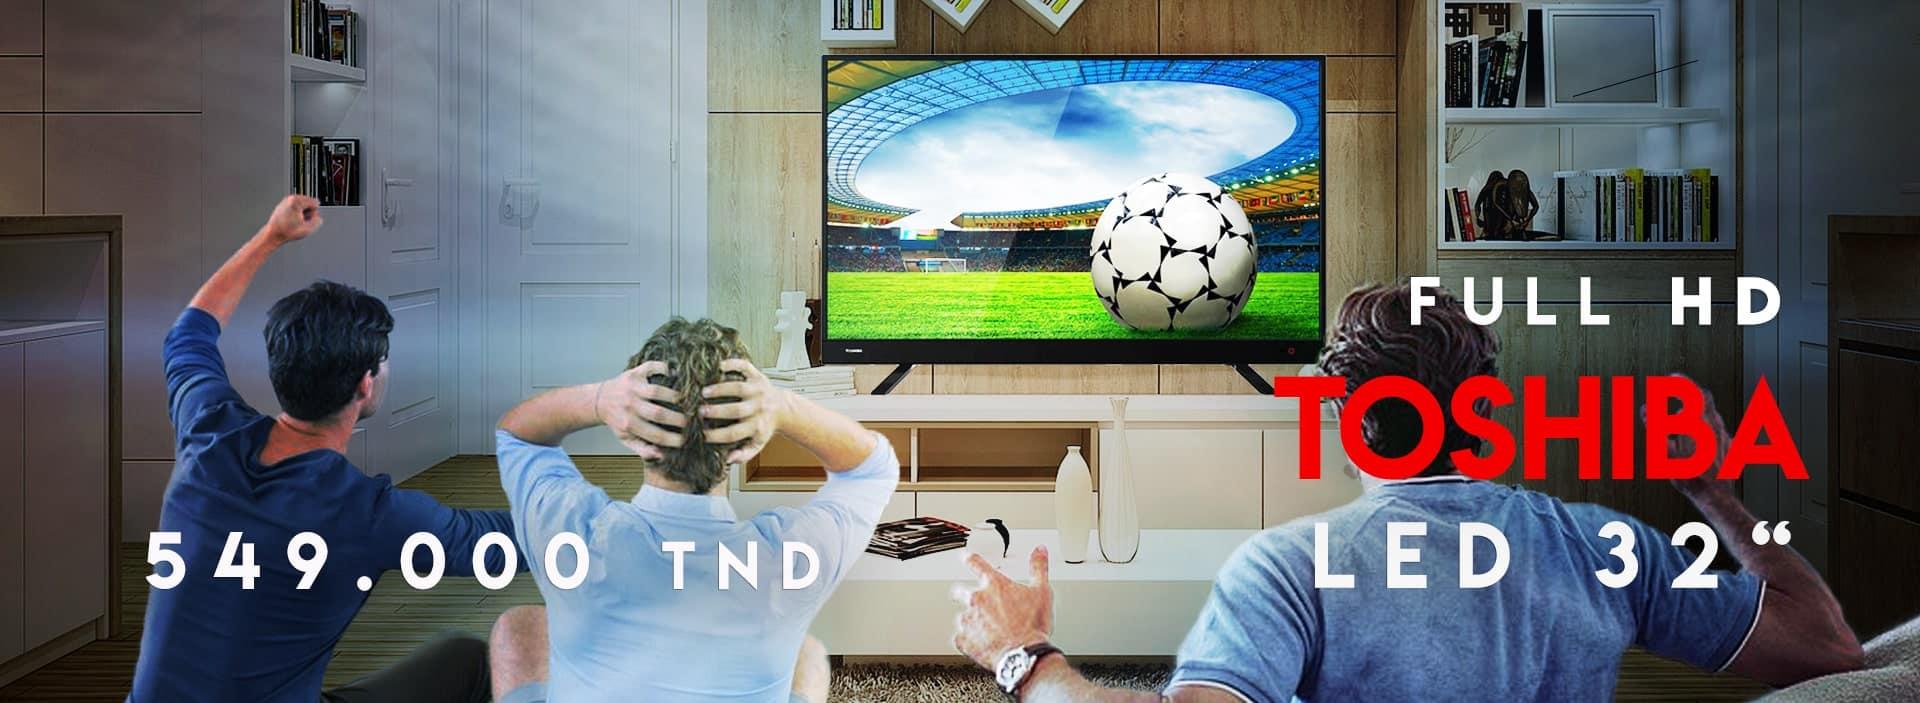 TV led Toshiba 32